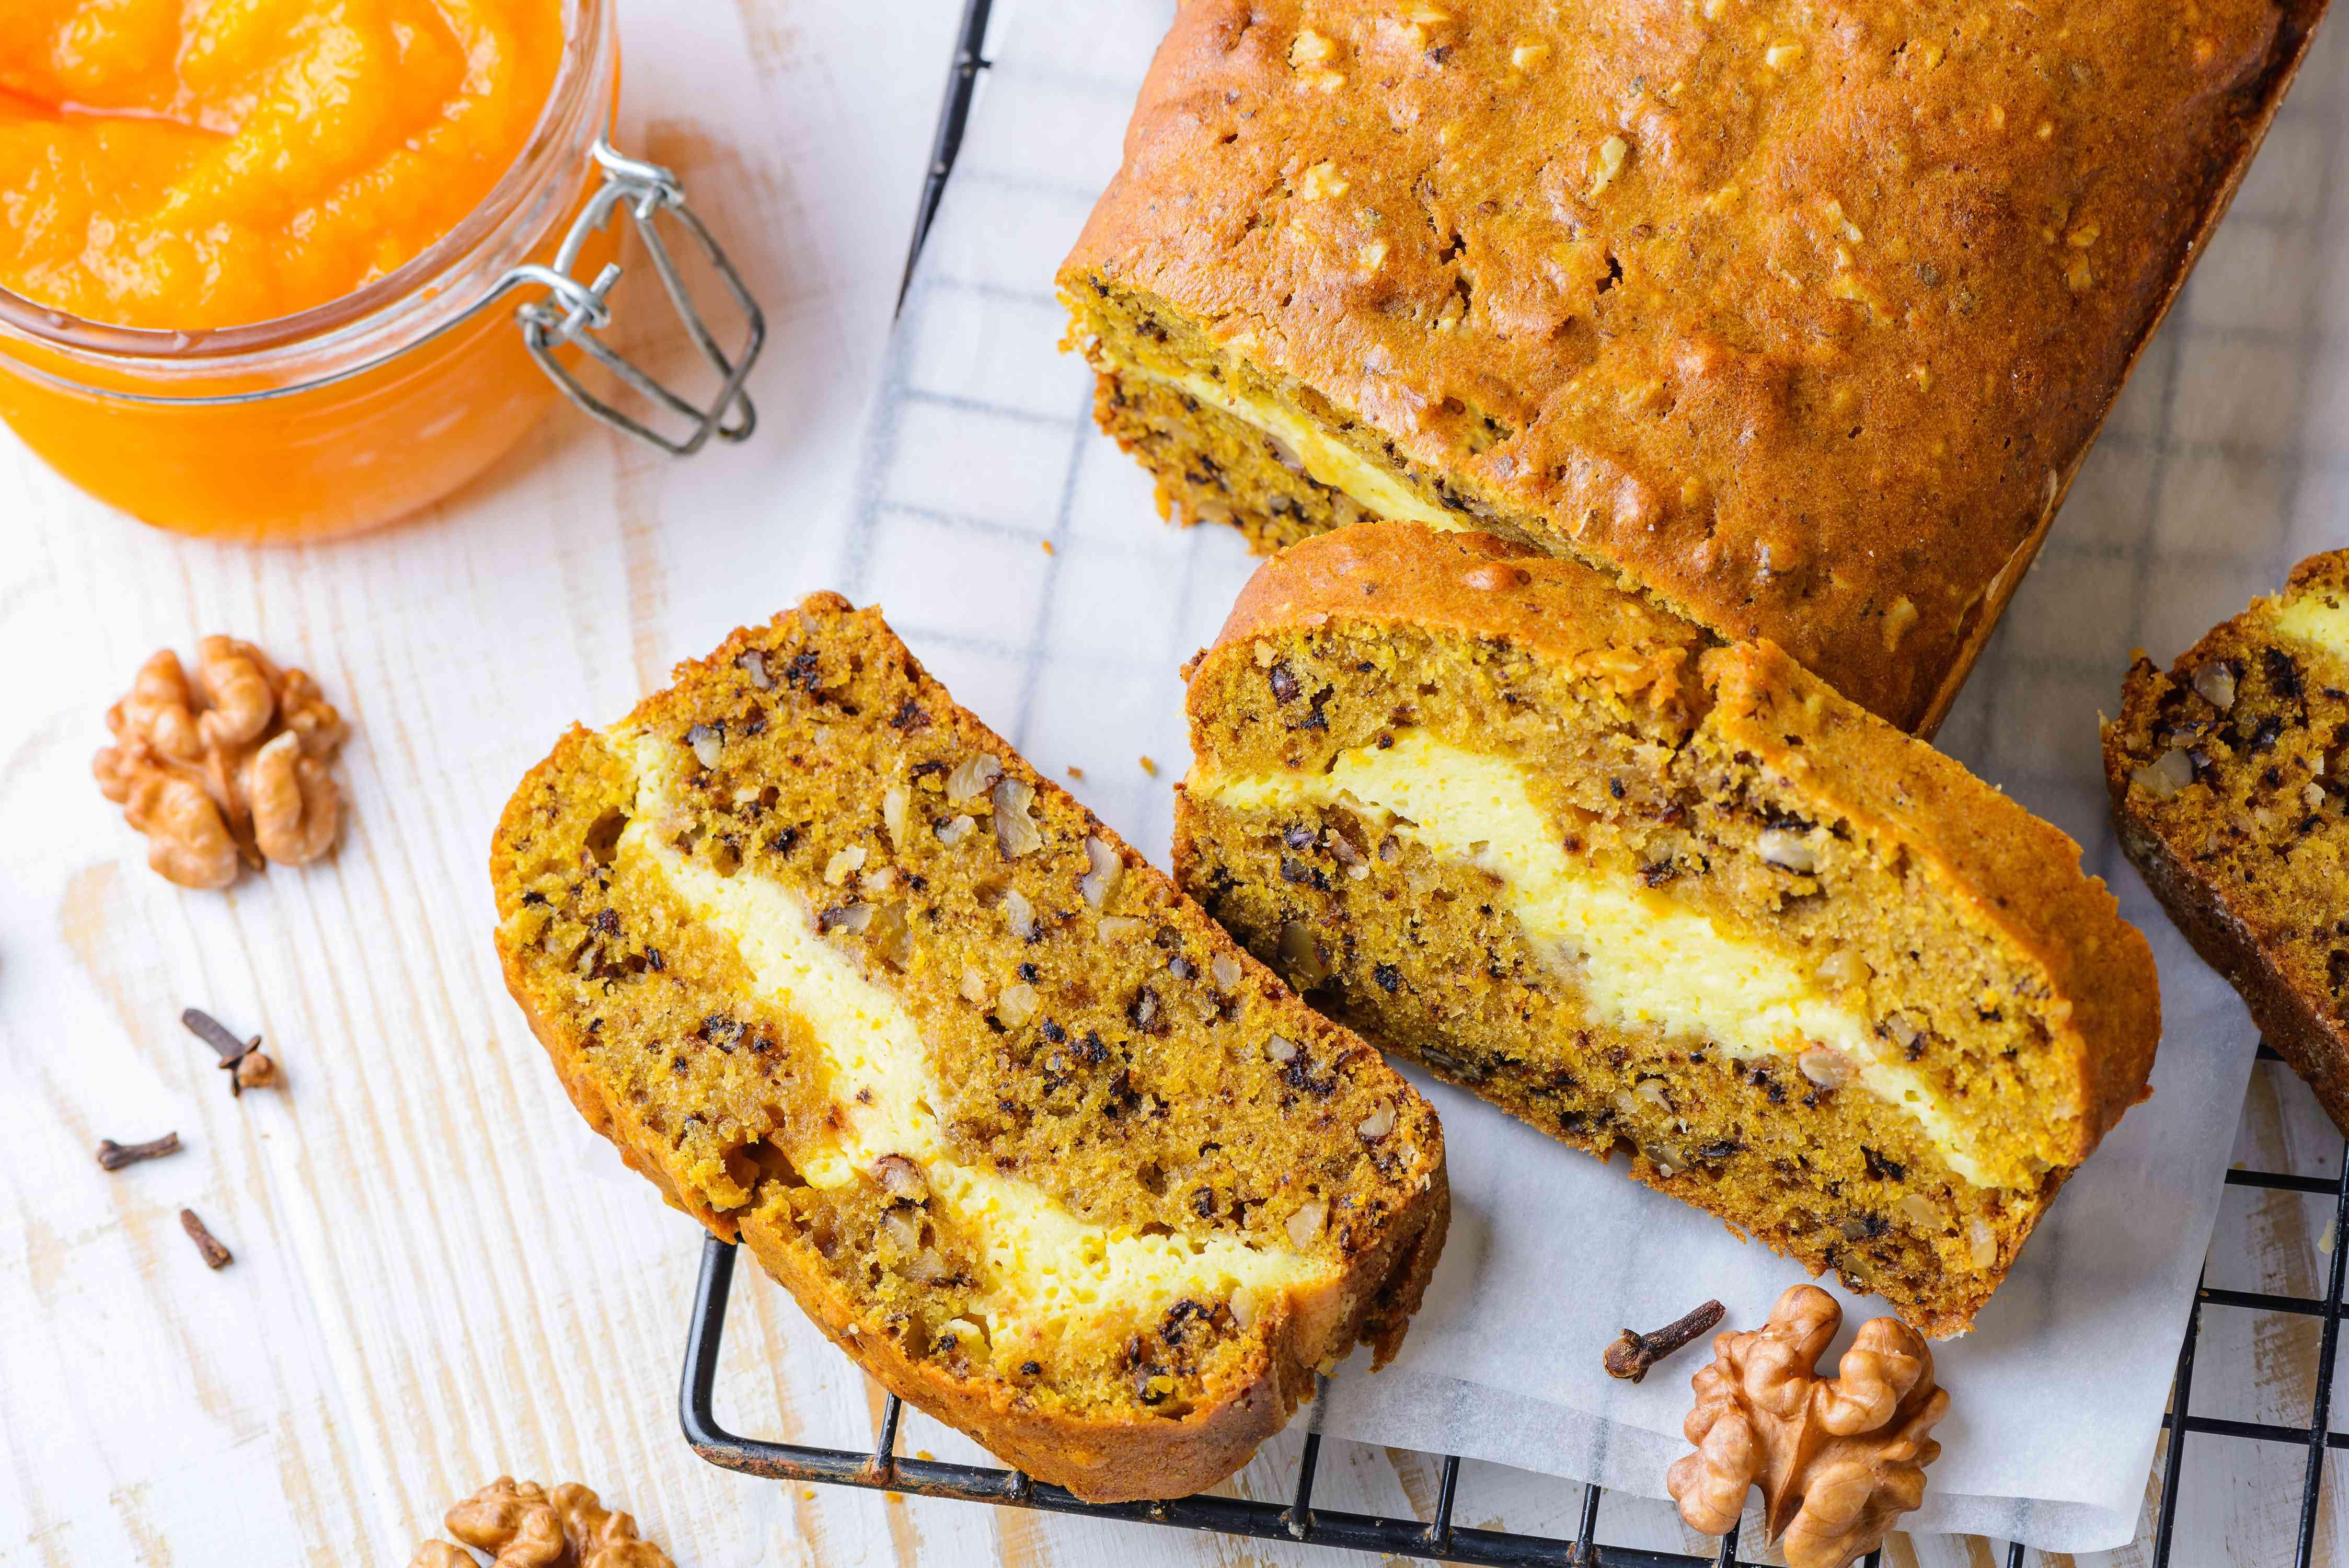 Pumpkin bread cream cheese filling recipe